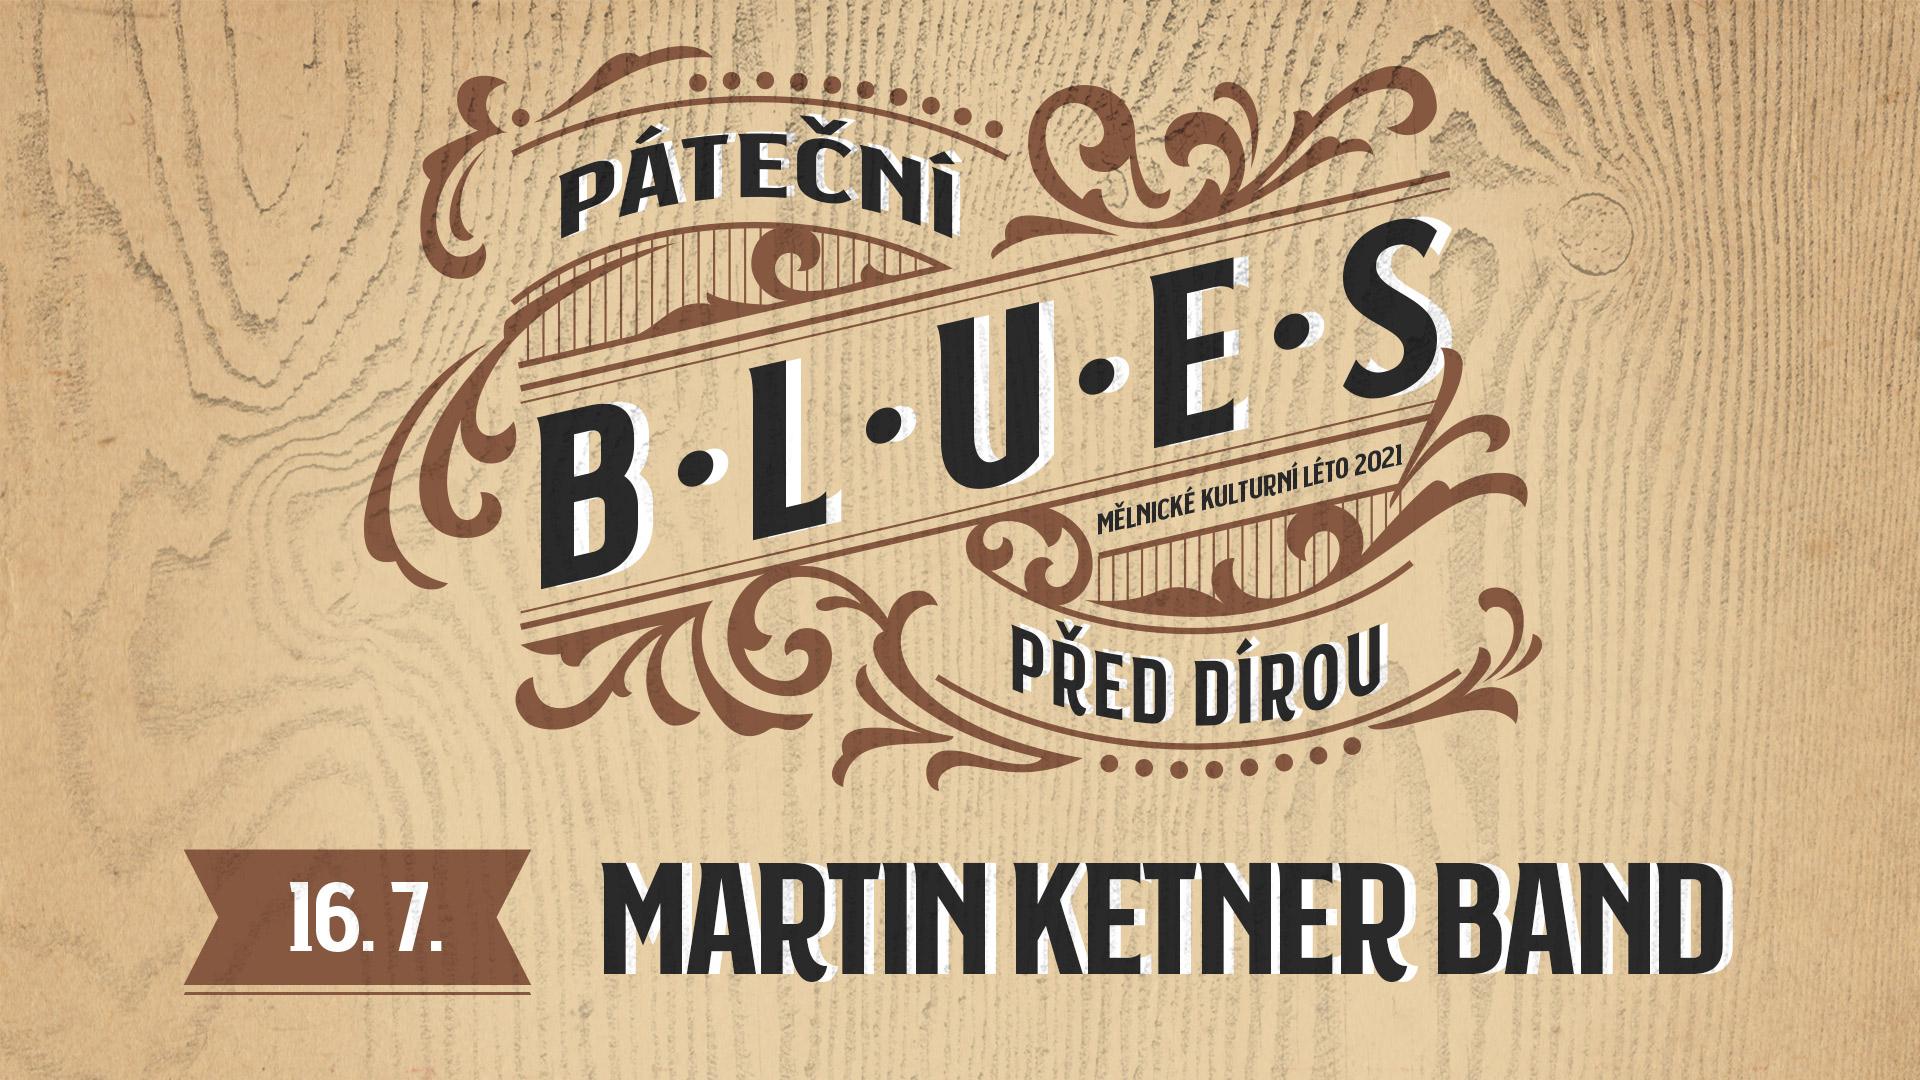 Martin Ketner Band před Dírou